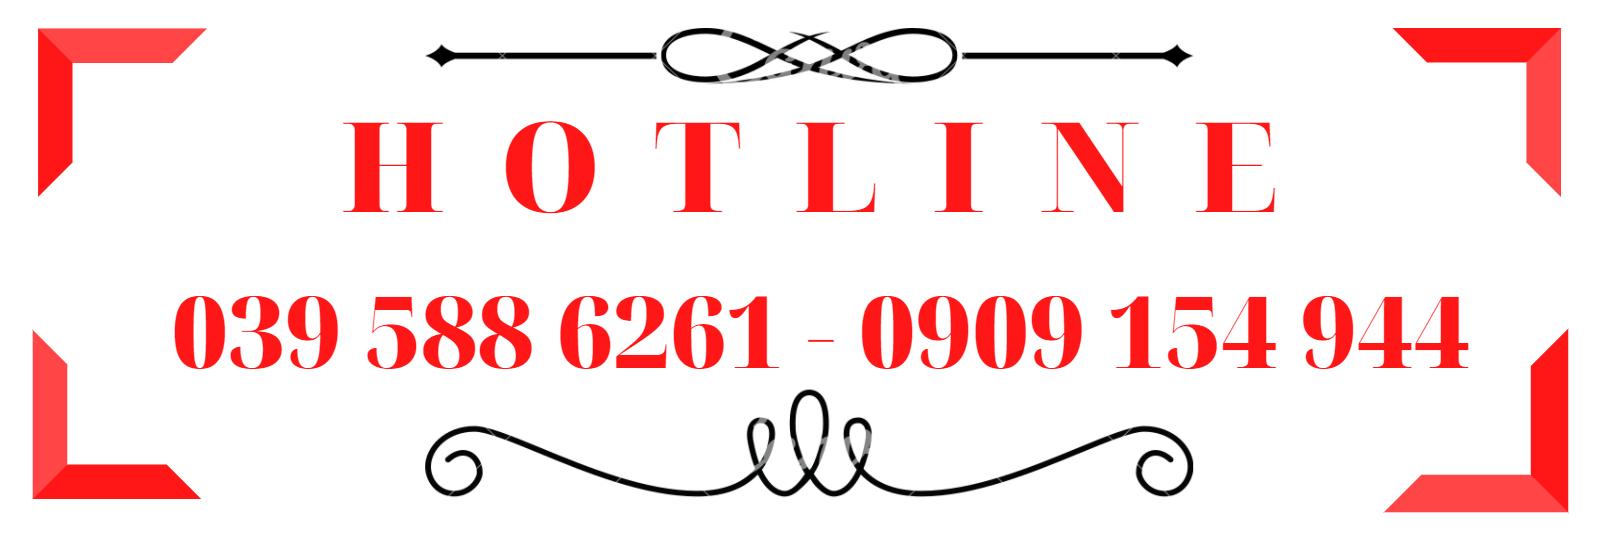 Hotline - Vinatransport